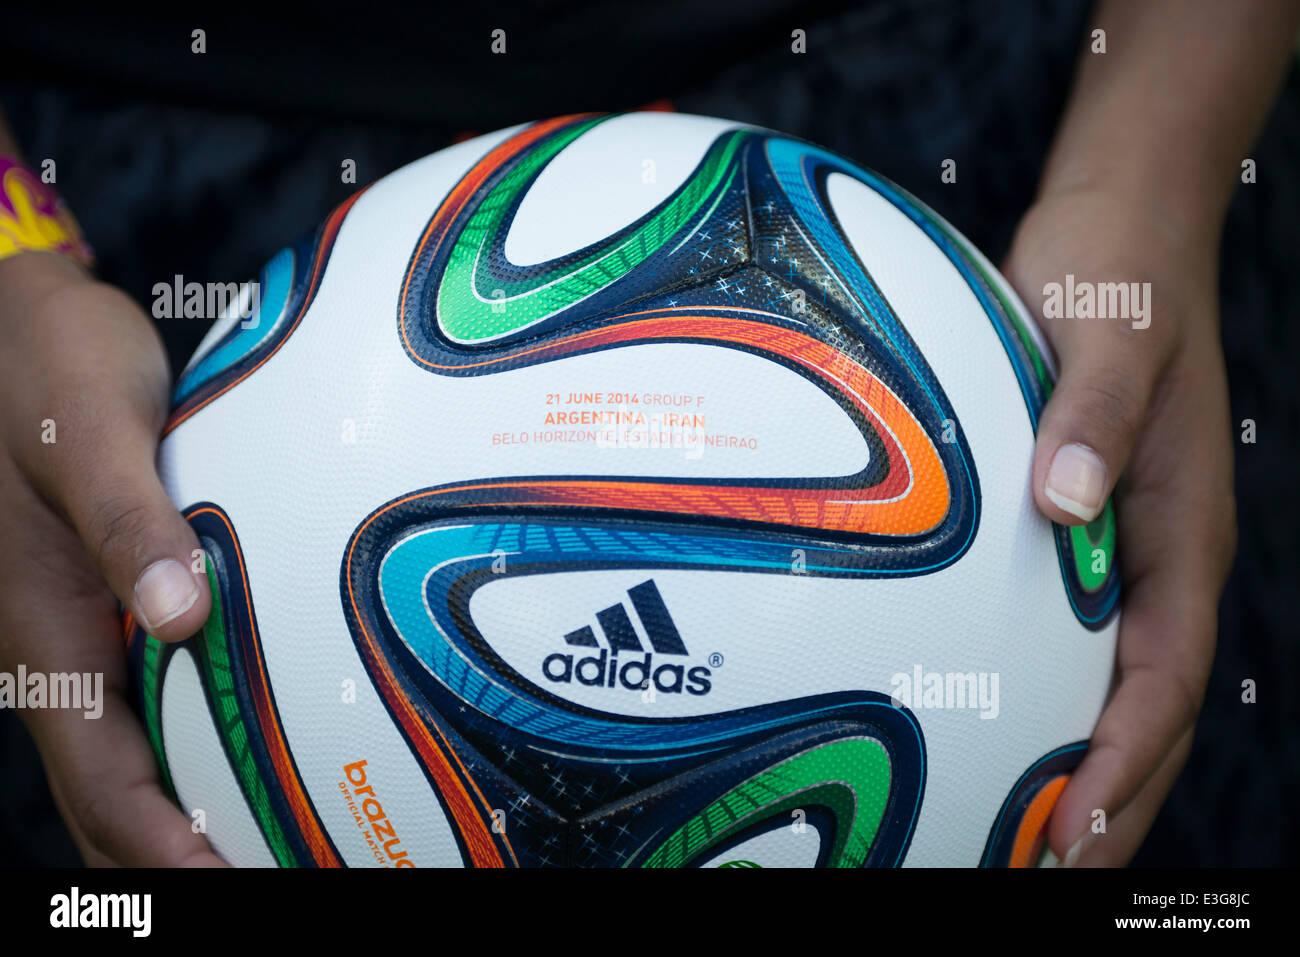 942732cd7f El balón de fútbol soccer   Una vista general de Brazuca antes de la Copa  Mundial de la FIFA Brasil 2014 Grupo F partido entre ...